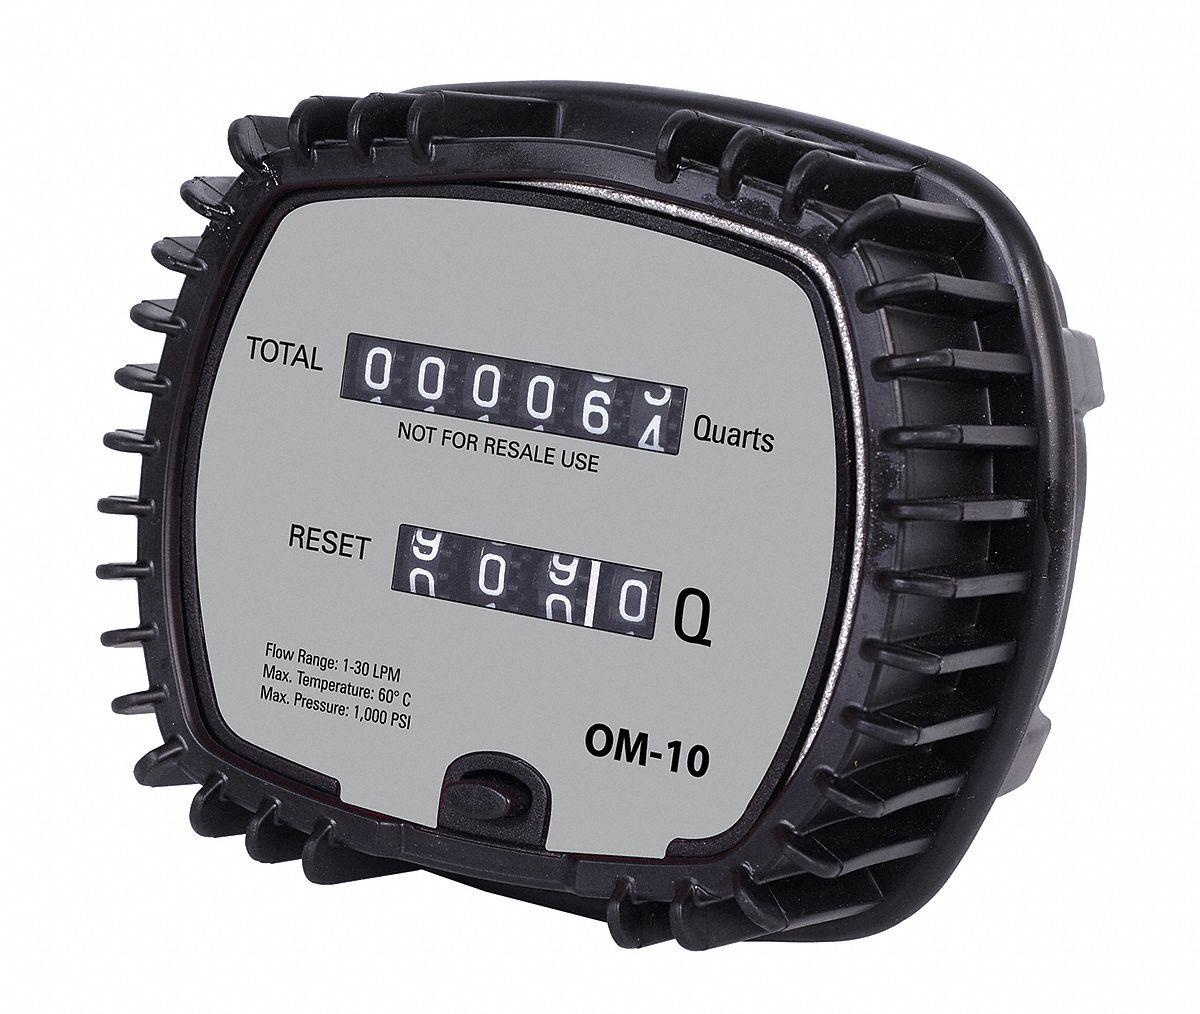 Oil Metering